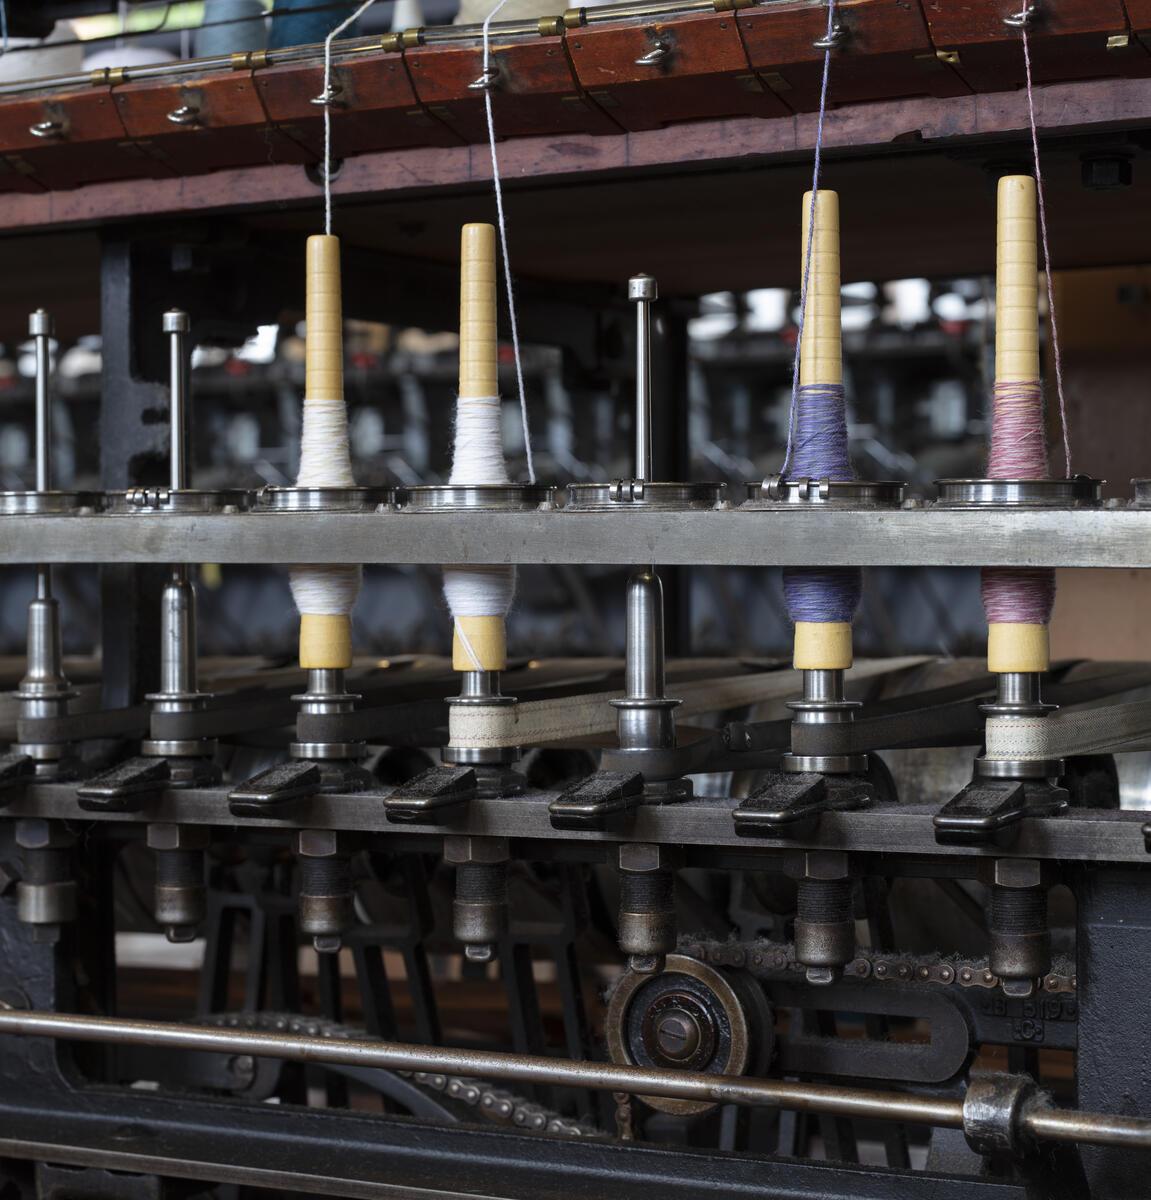 Detalj på tvinnemaskin med garn (Foto/Photo)